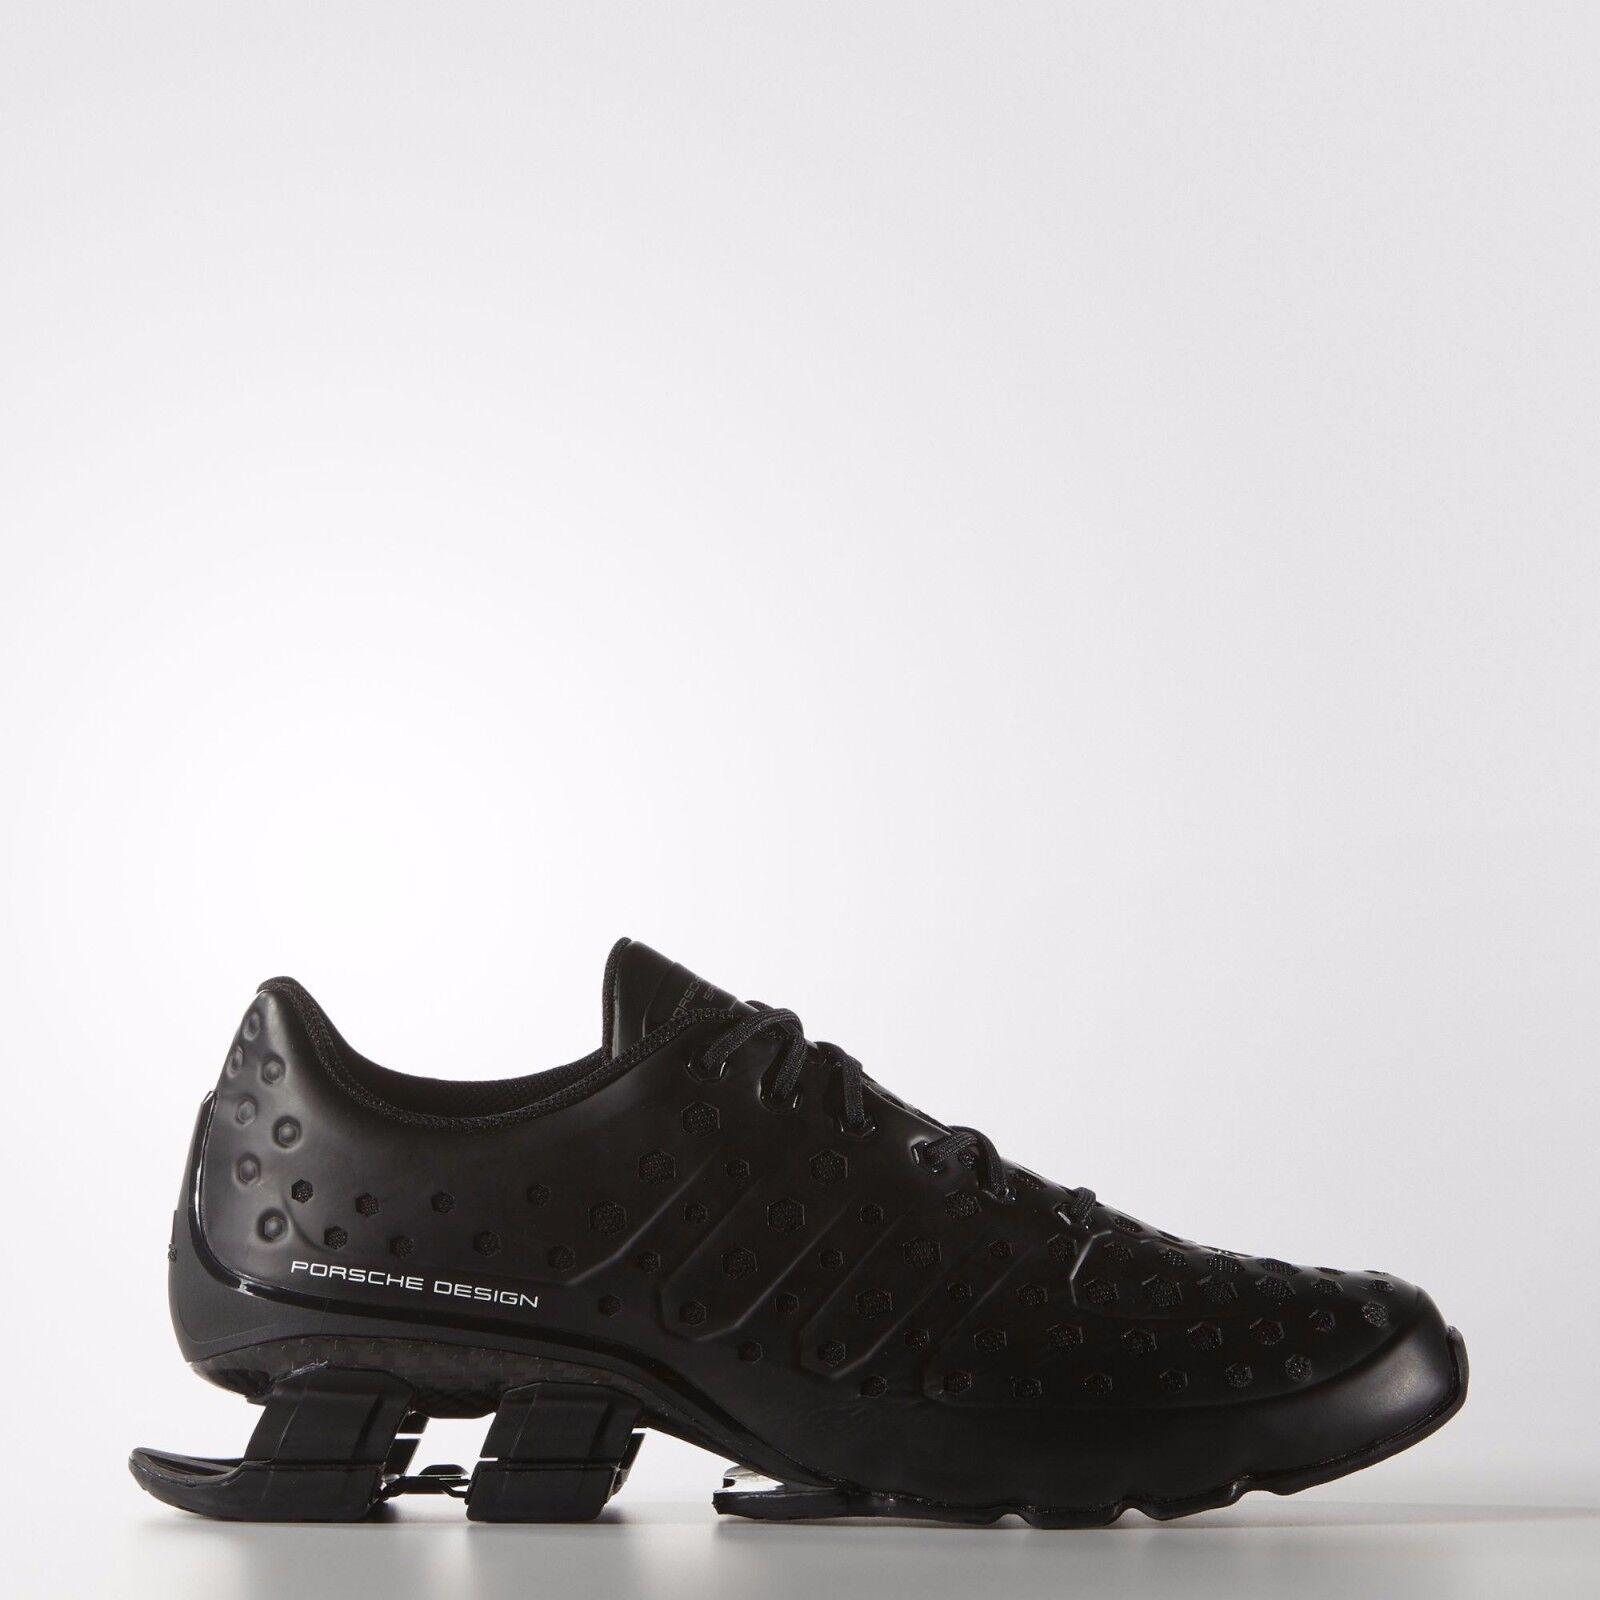 Adidas Porsche Design Sport P'5000 Bounce Black S4 2.0 Shoes (AF4401) Black Bounce size 9,5US 85b0fc